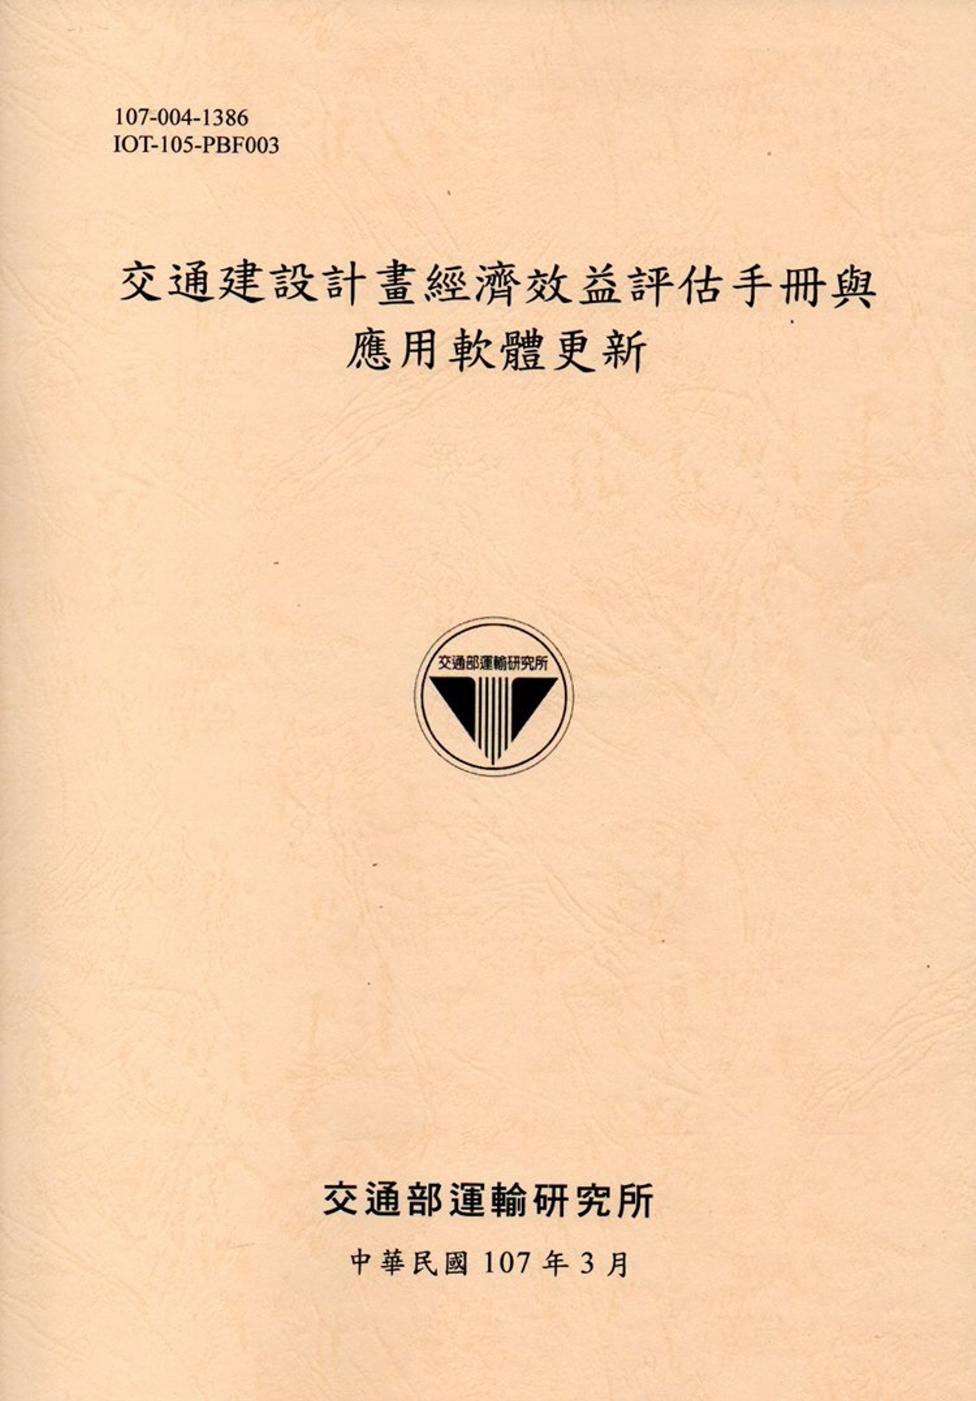 交通建設計畫經濟效益評估手冊與應用軟體更新[107黃]